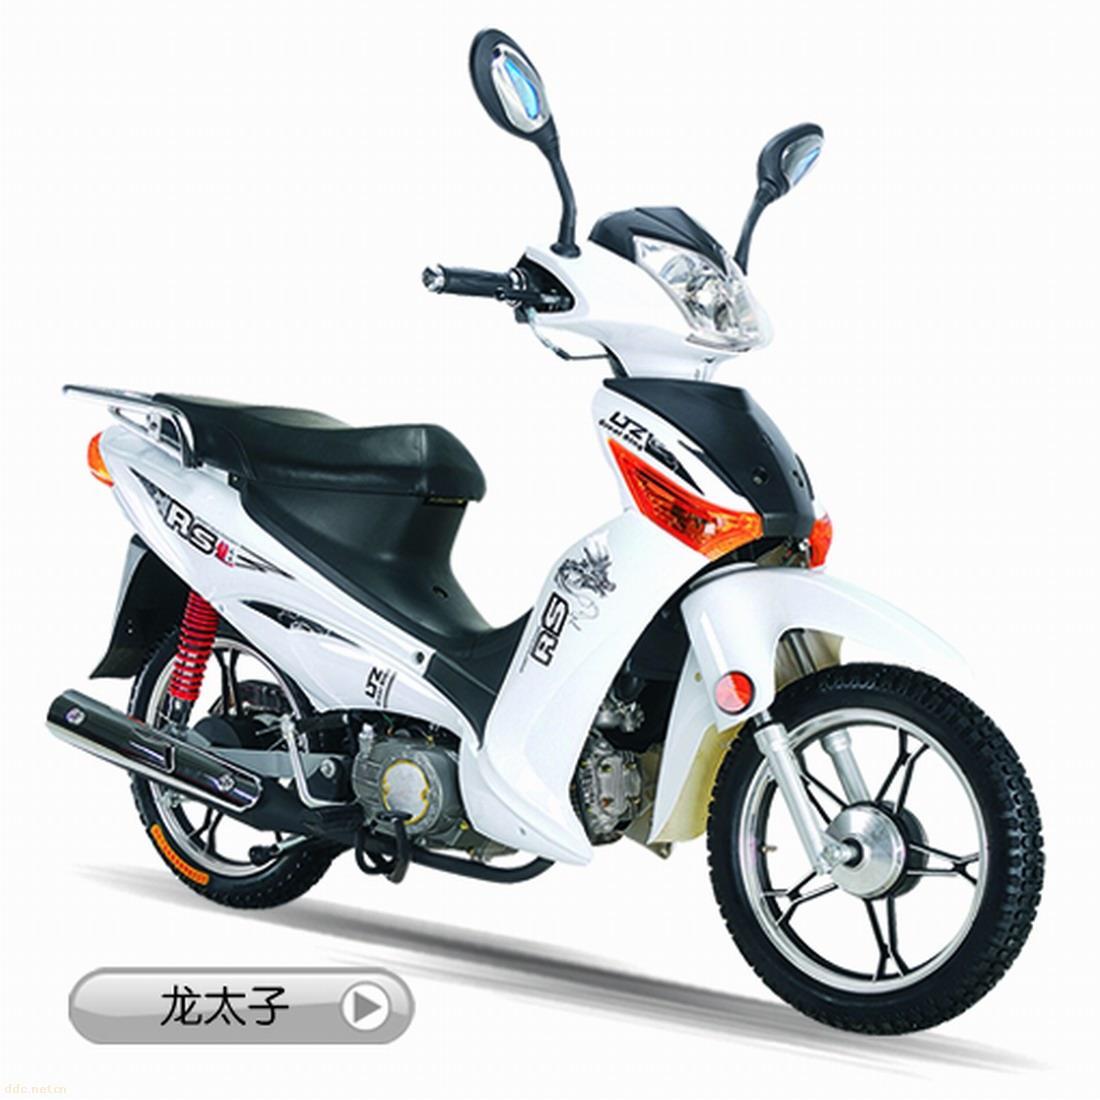 日本燃油助力自行车_100四档龙太子燃油助力车-无锡爱立特车业有限公司